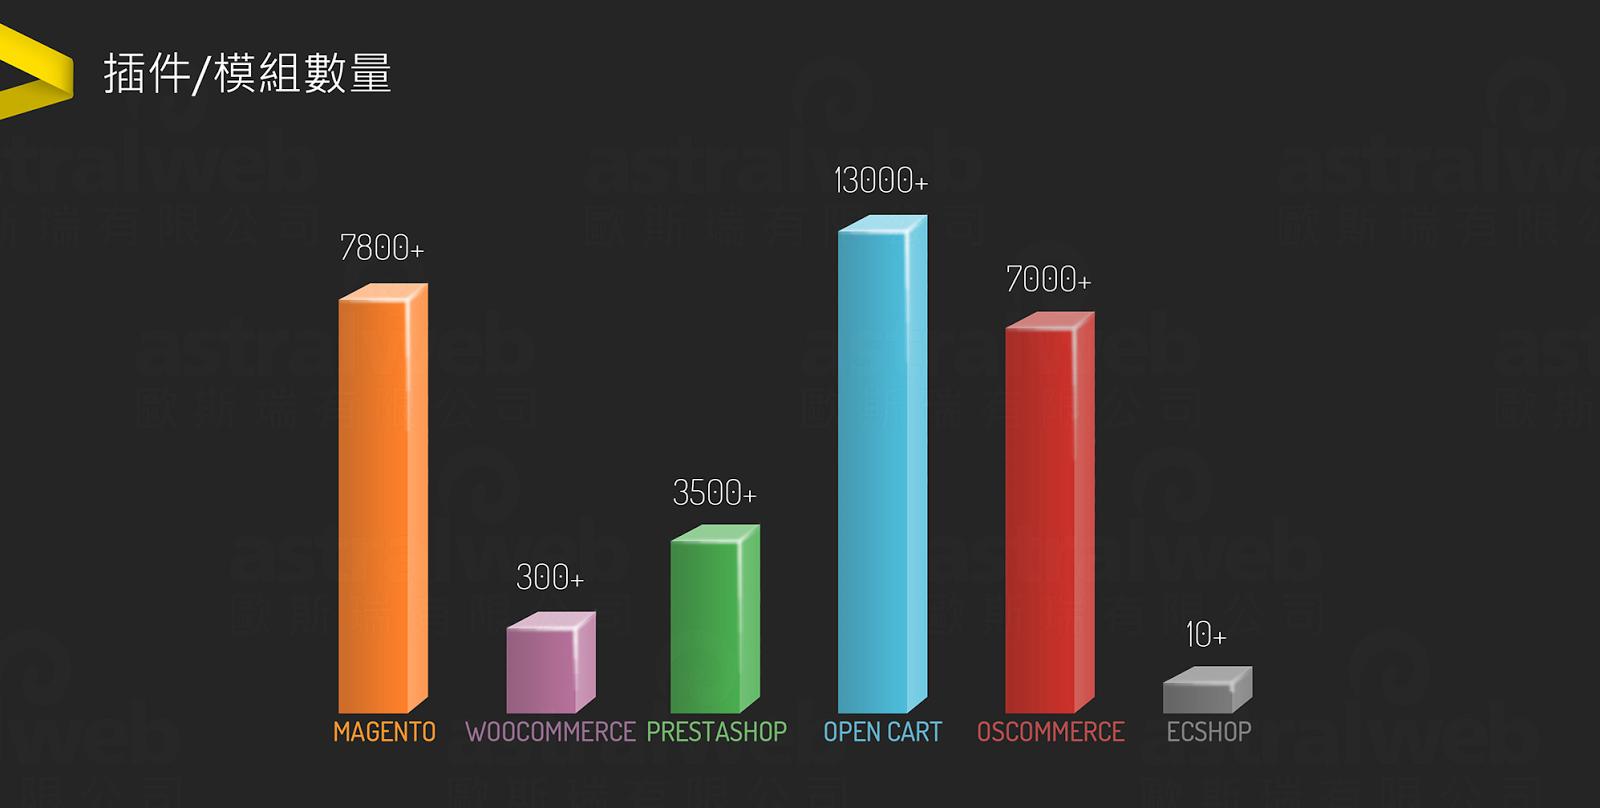 電商平台的插件/模組數量